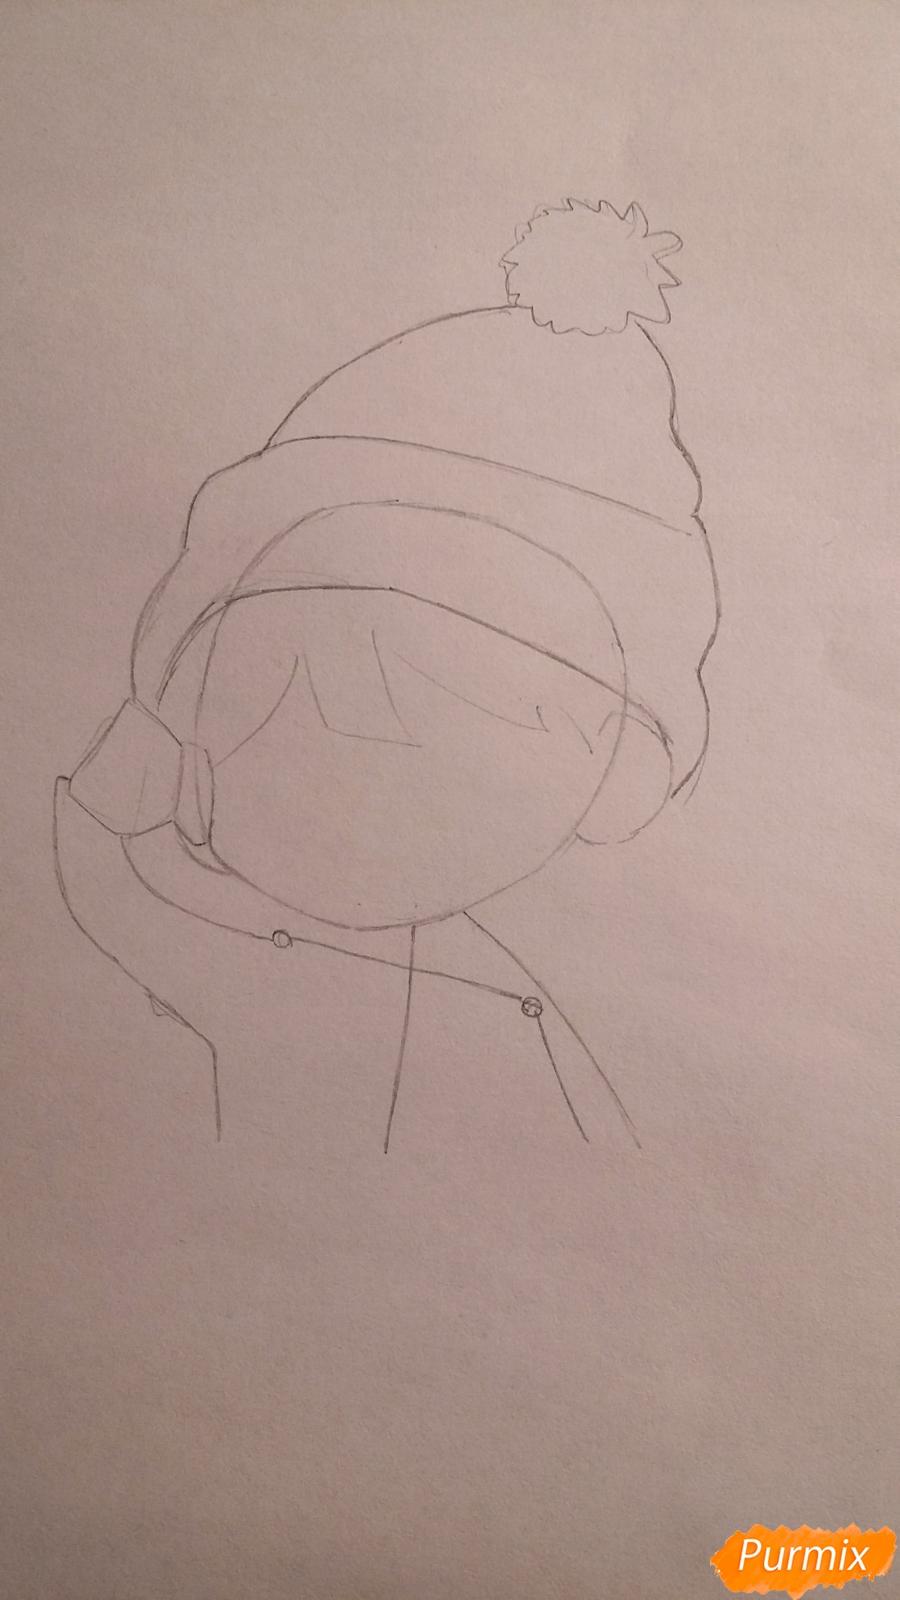 Рисуем чиби-мальчика в шапке цветными карандашами - шаг 3